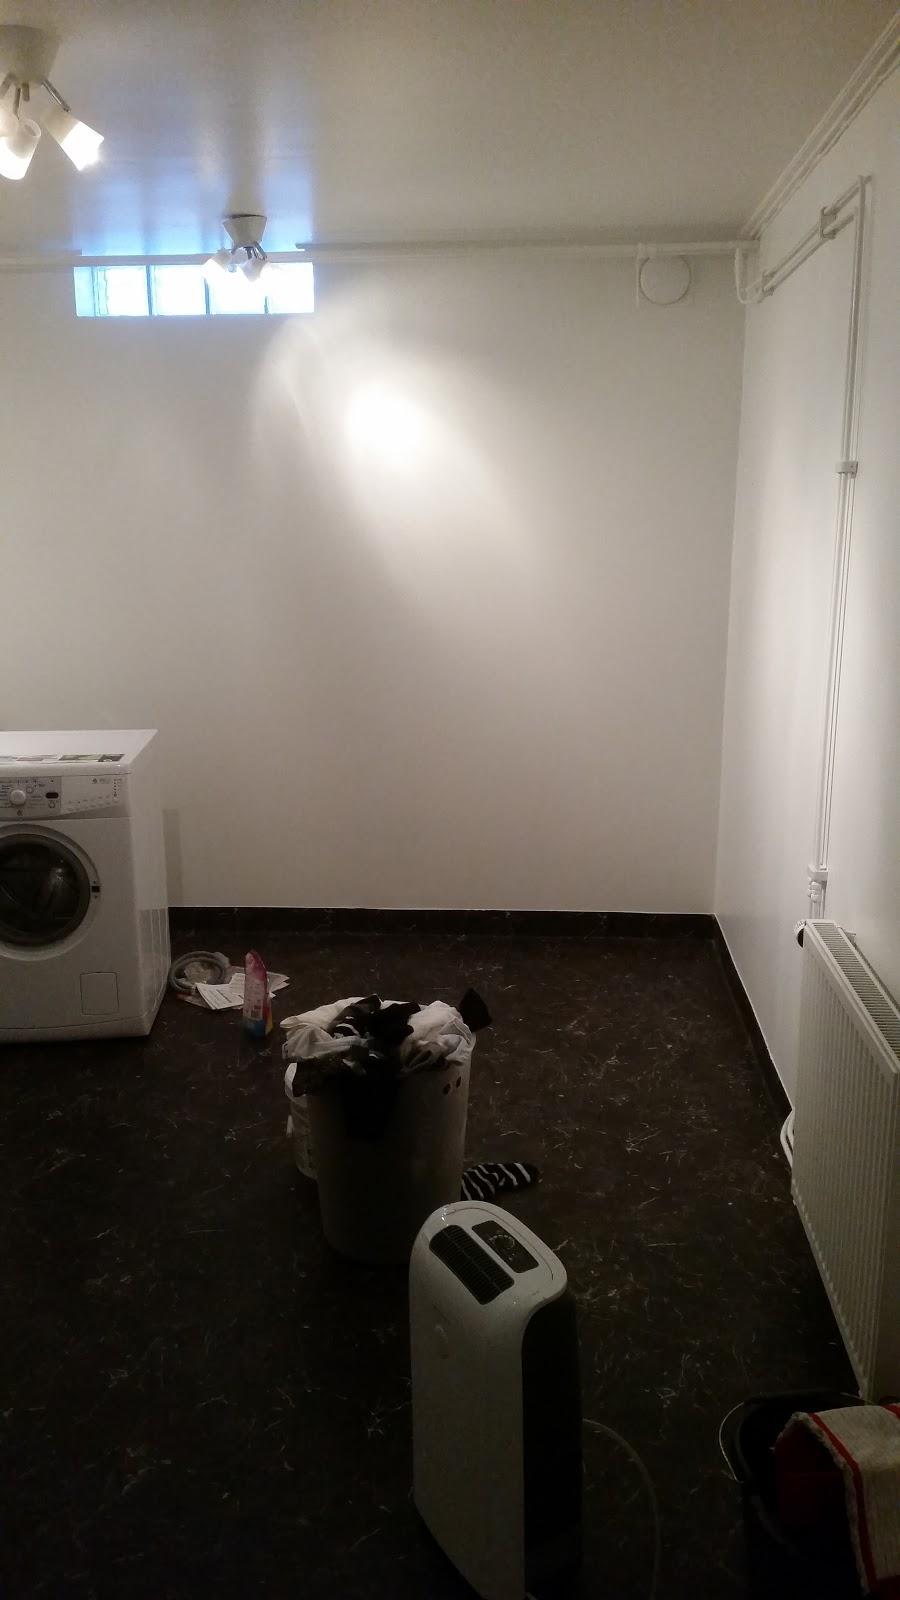 Inredning tvättstuga inspiration : Konst by Jenny: Förebilder pÃ¥ källare och tvättstuga